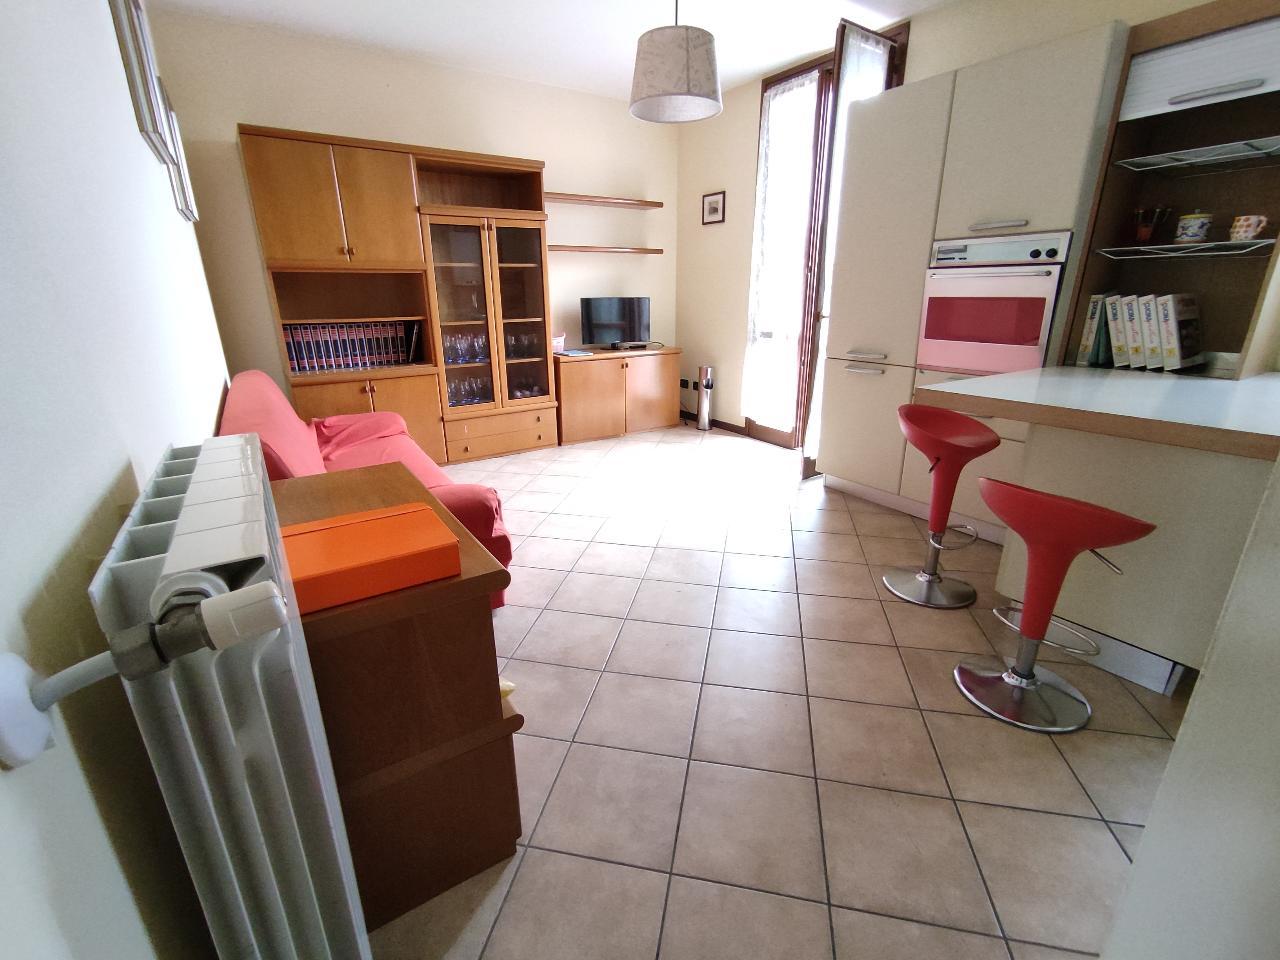 Appartamento MALAGNINO Euro 59.000,00